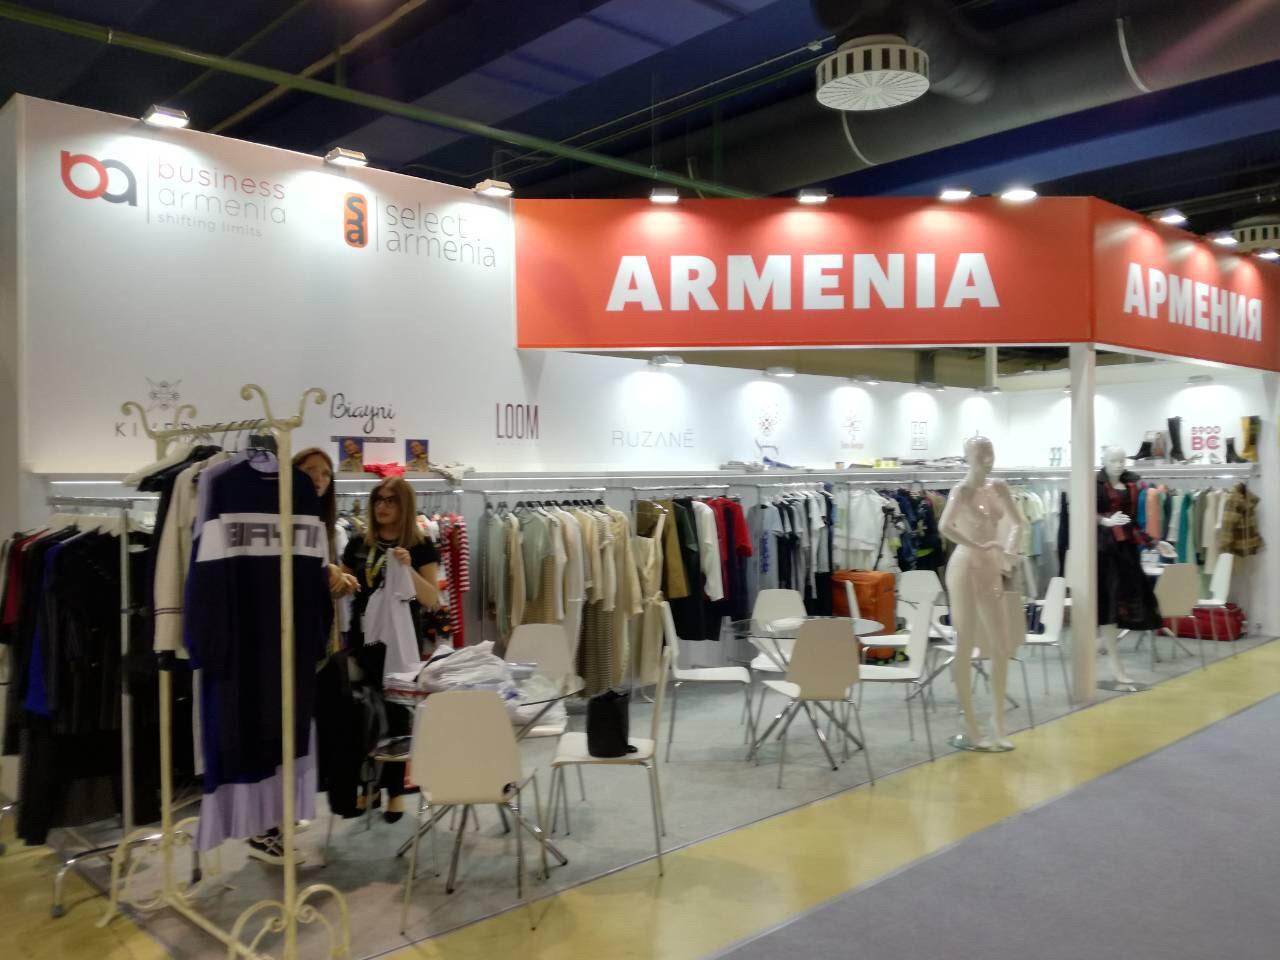 Երբ հանդիպում են նորաձևությունն ու տեքստիլը. Հայաստանը մասնակցում է CPM նորաձևության և առևտի միջազգային ցուցահանդեսին